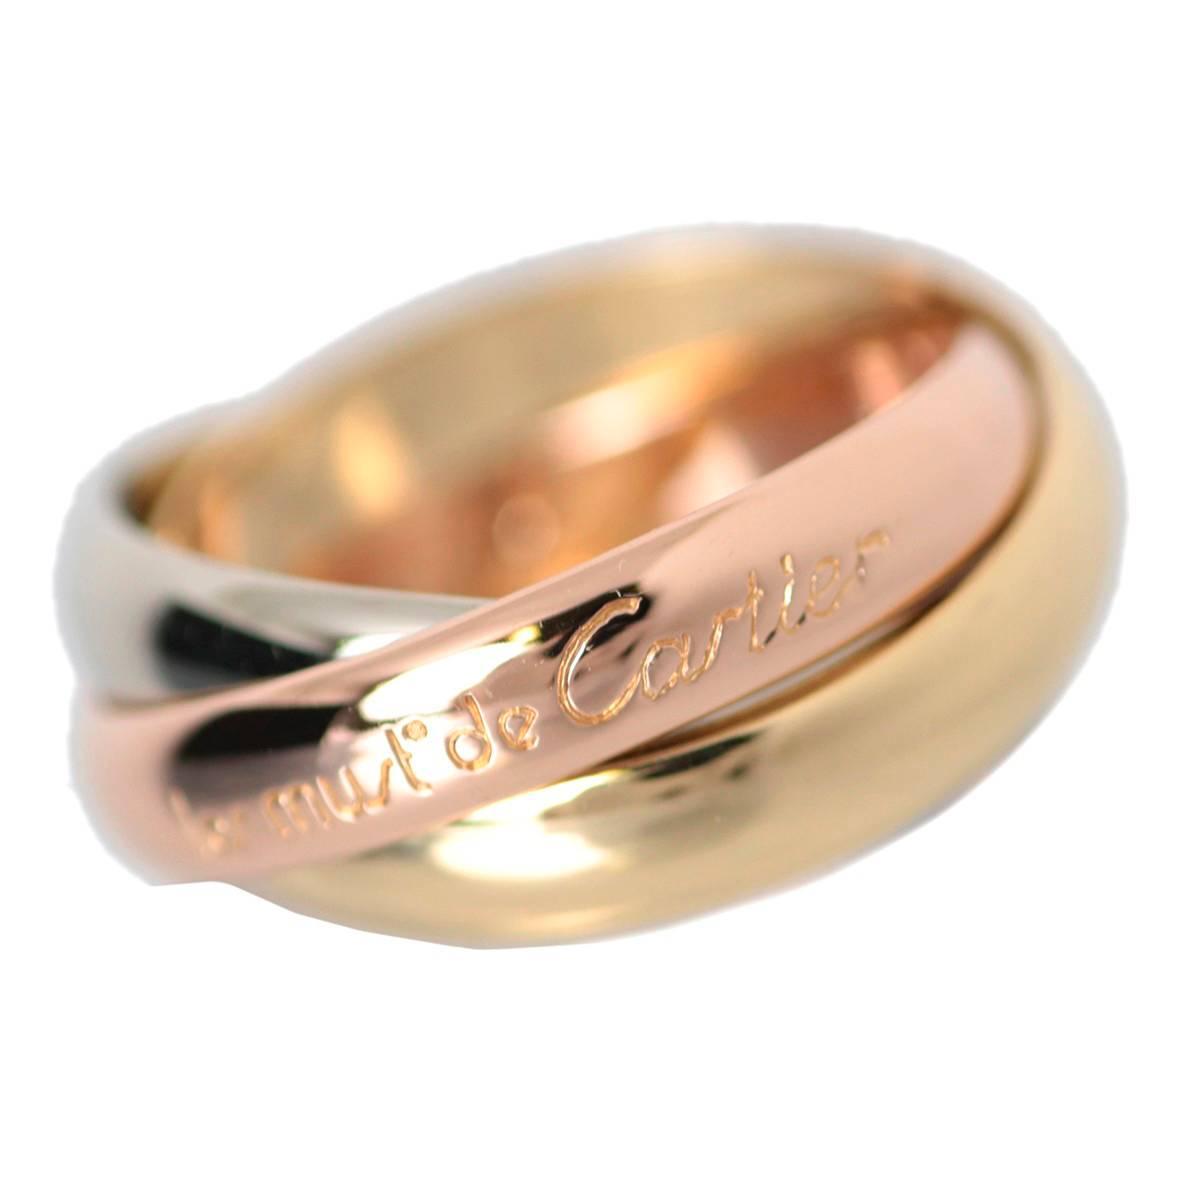 【中古】 Cartier/カルティエ トリニティ リング/ペンダントトップ K18イエローゴールド×ピンクゴールド×ホワイトゴールド 7号サイズ 総重量6.1g Trinity ring classic 18金 Ks ランクA 美品